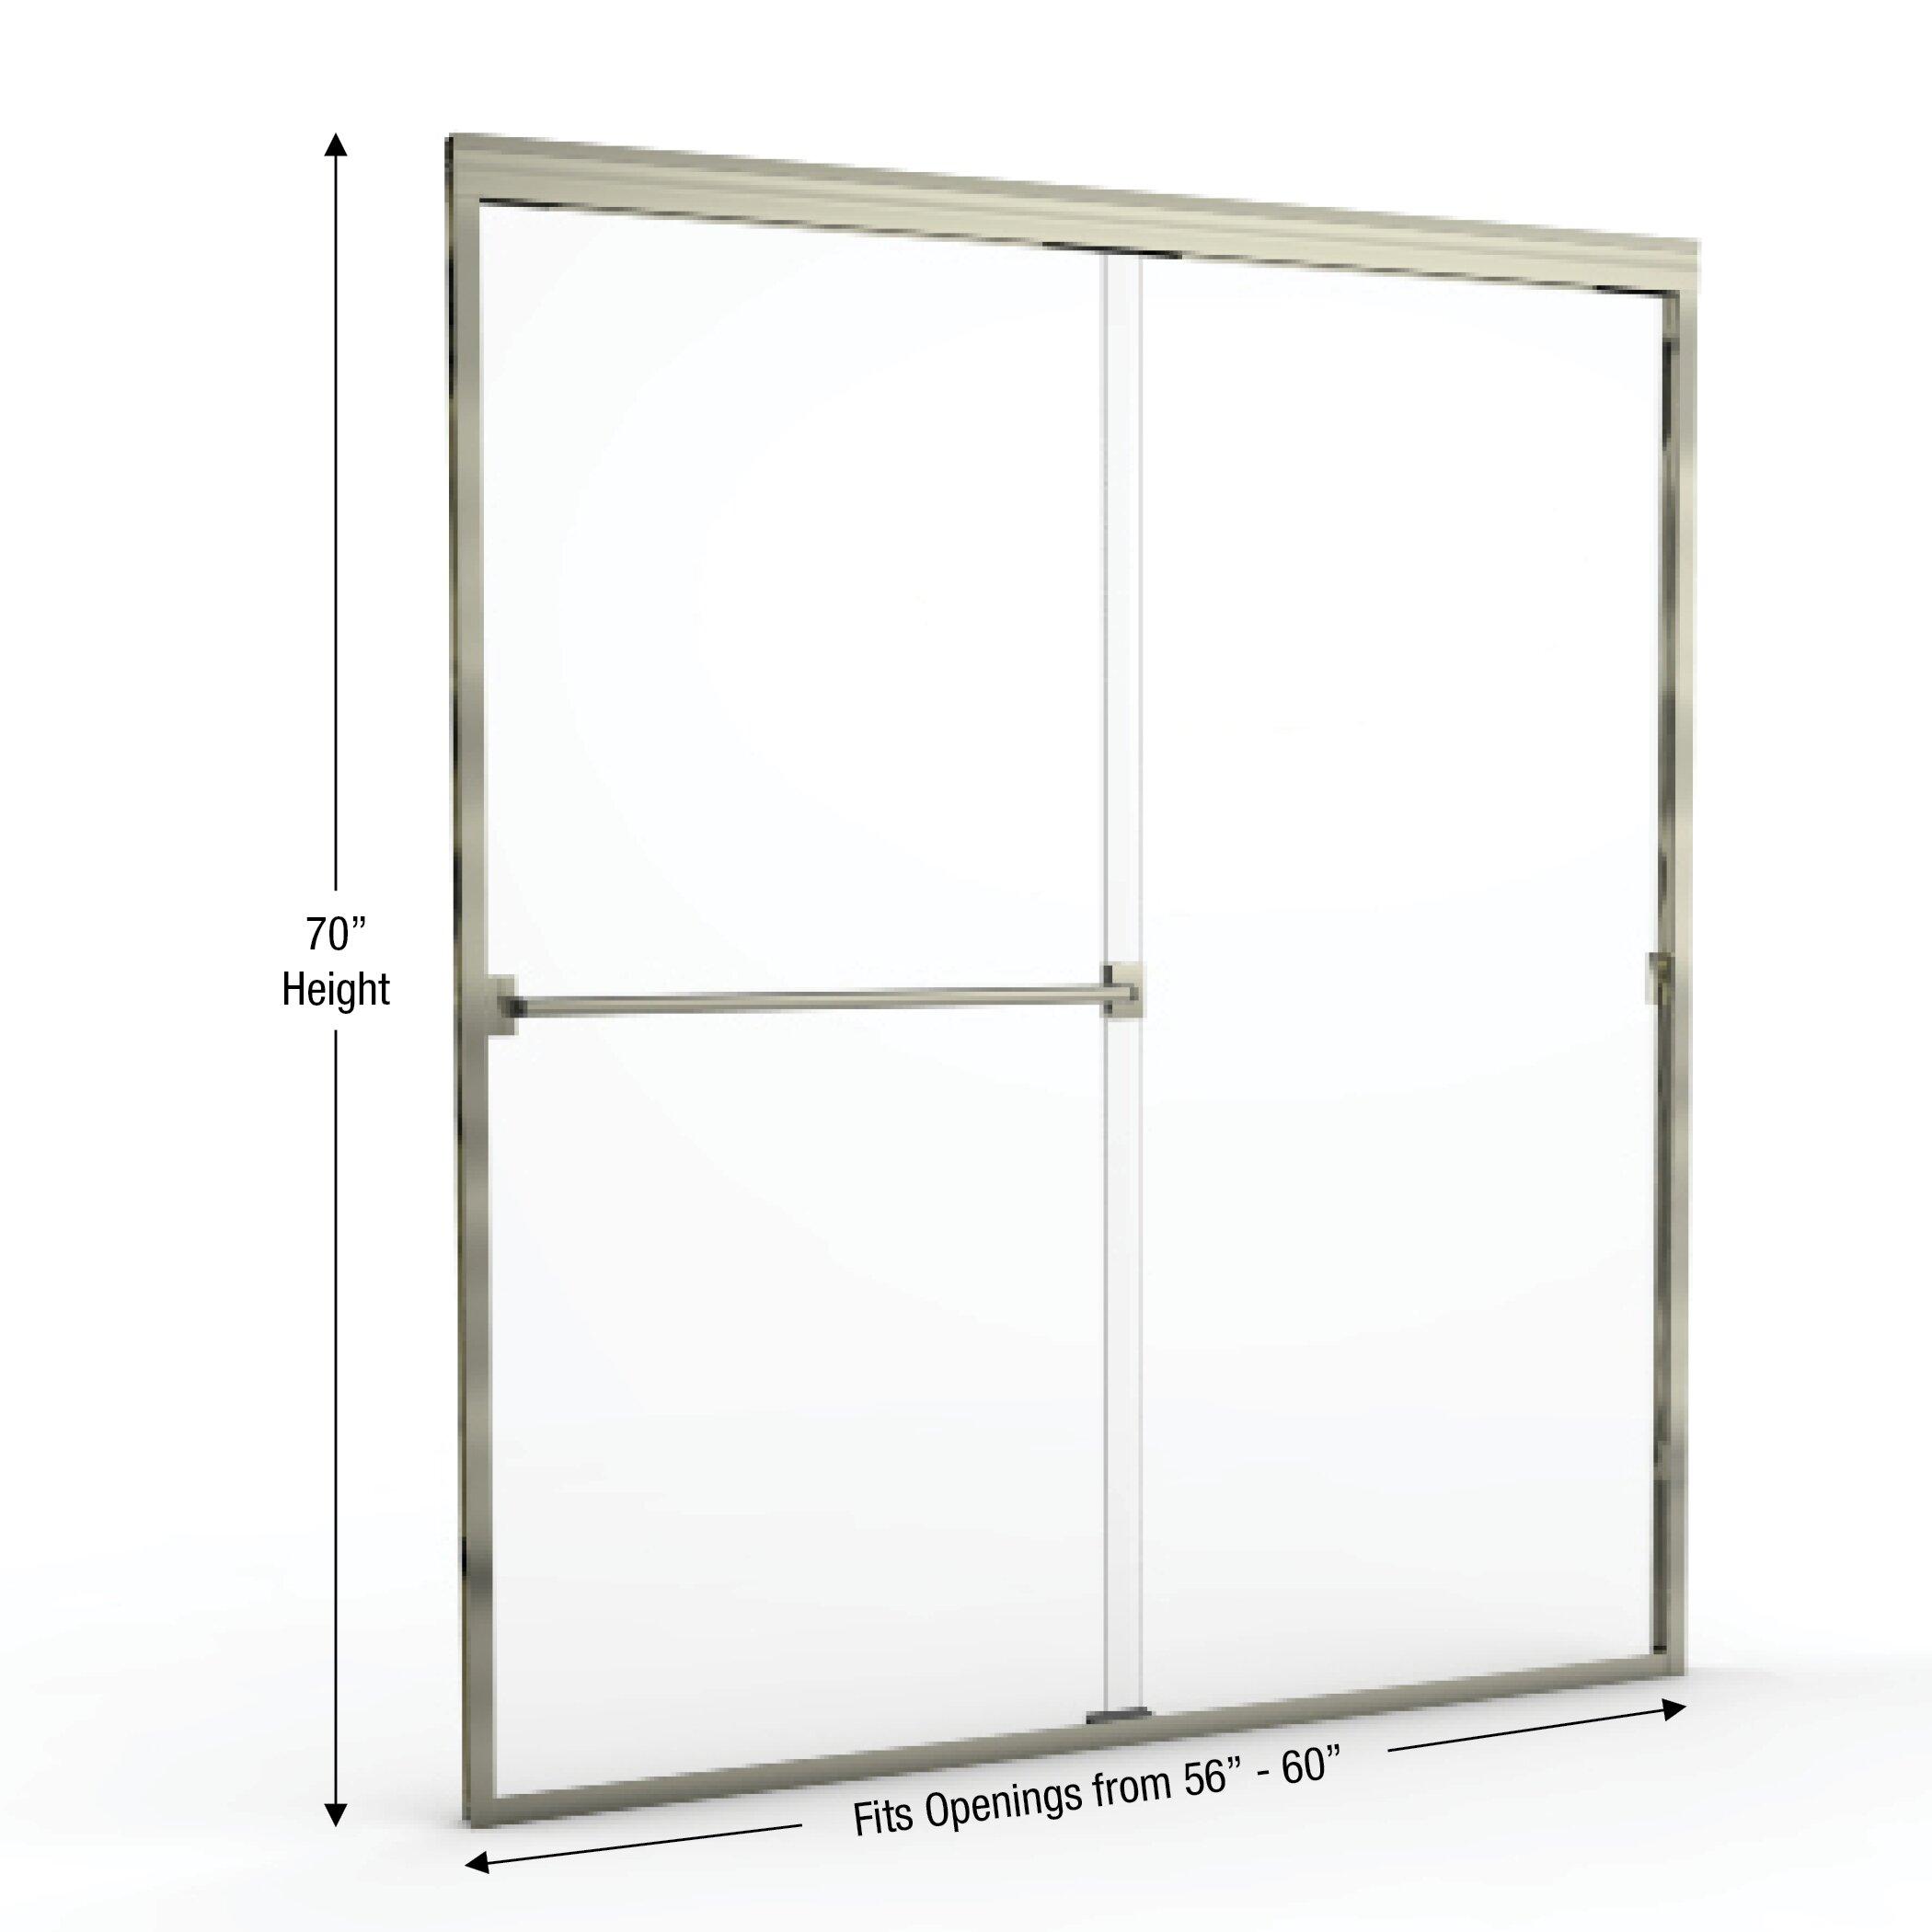 basco classic 70 quot x 60 quot frameless bypass sliding shower door